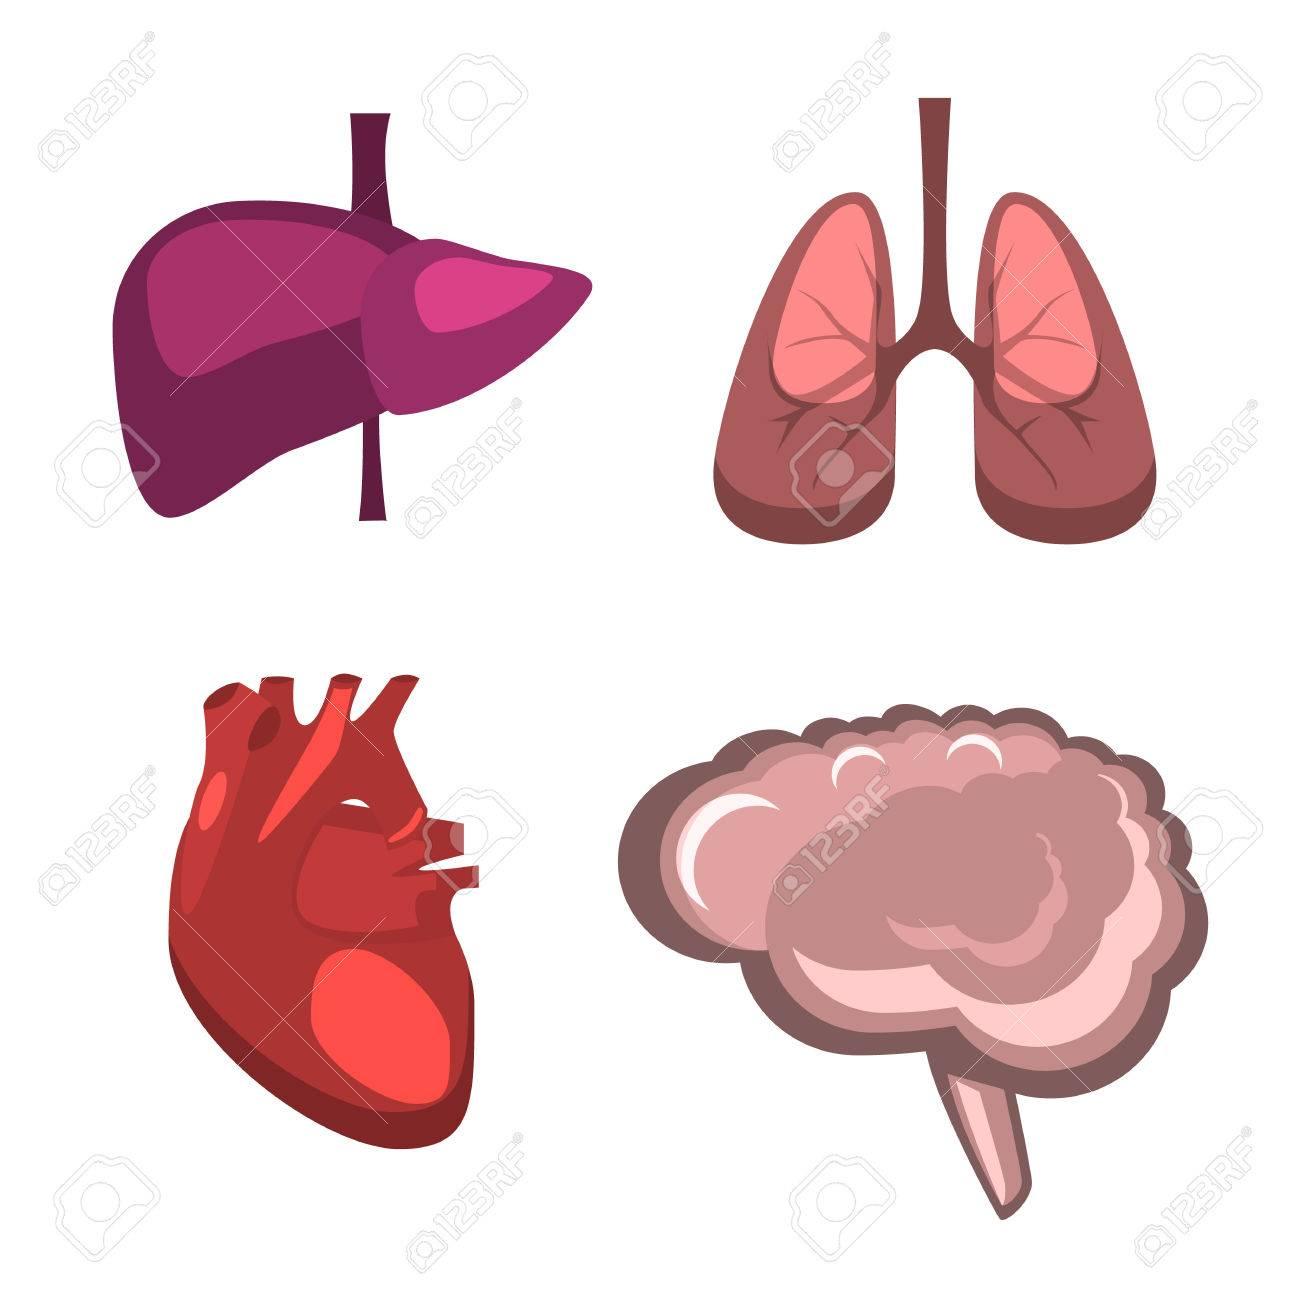 1300x1300 Human Internal Organs Vector Flat Liver, Brain, Lungs, Heart